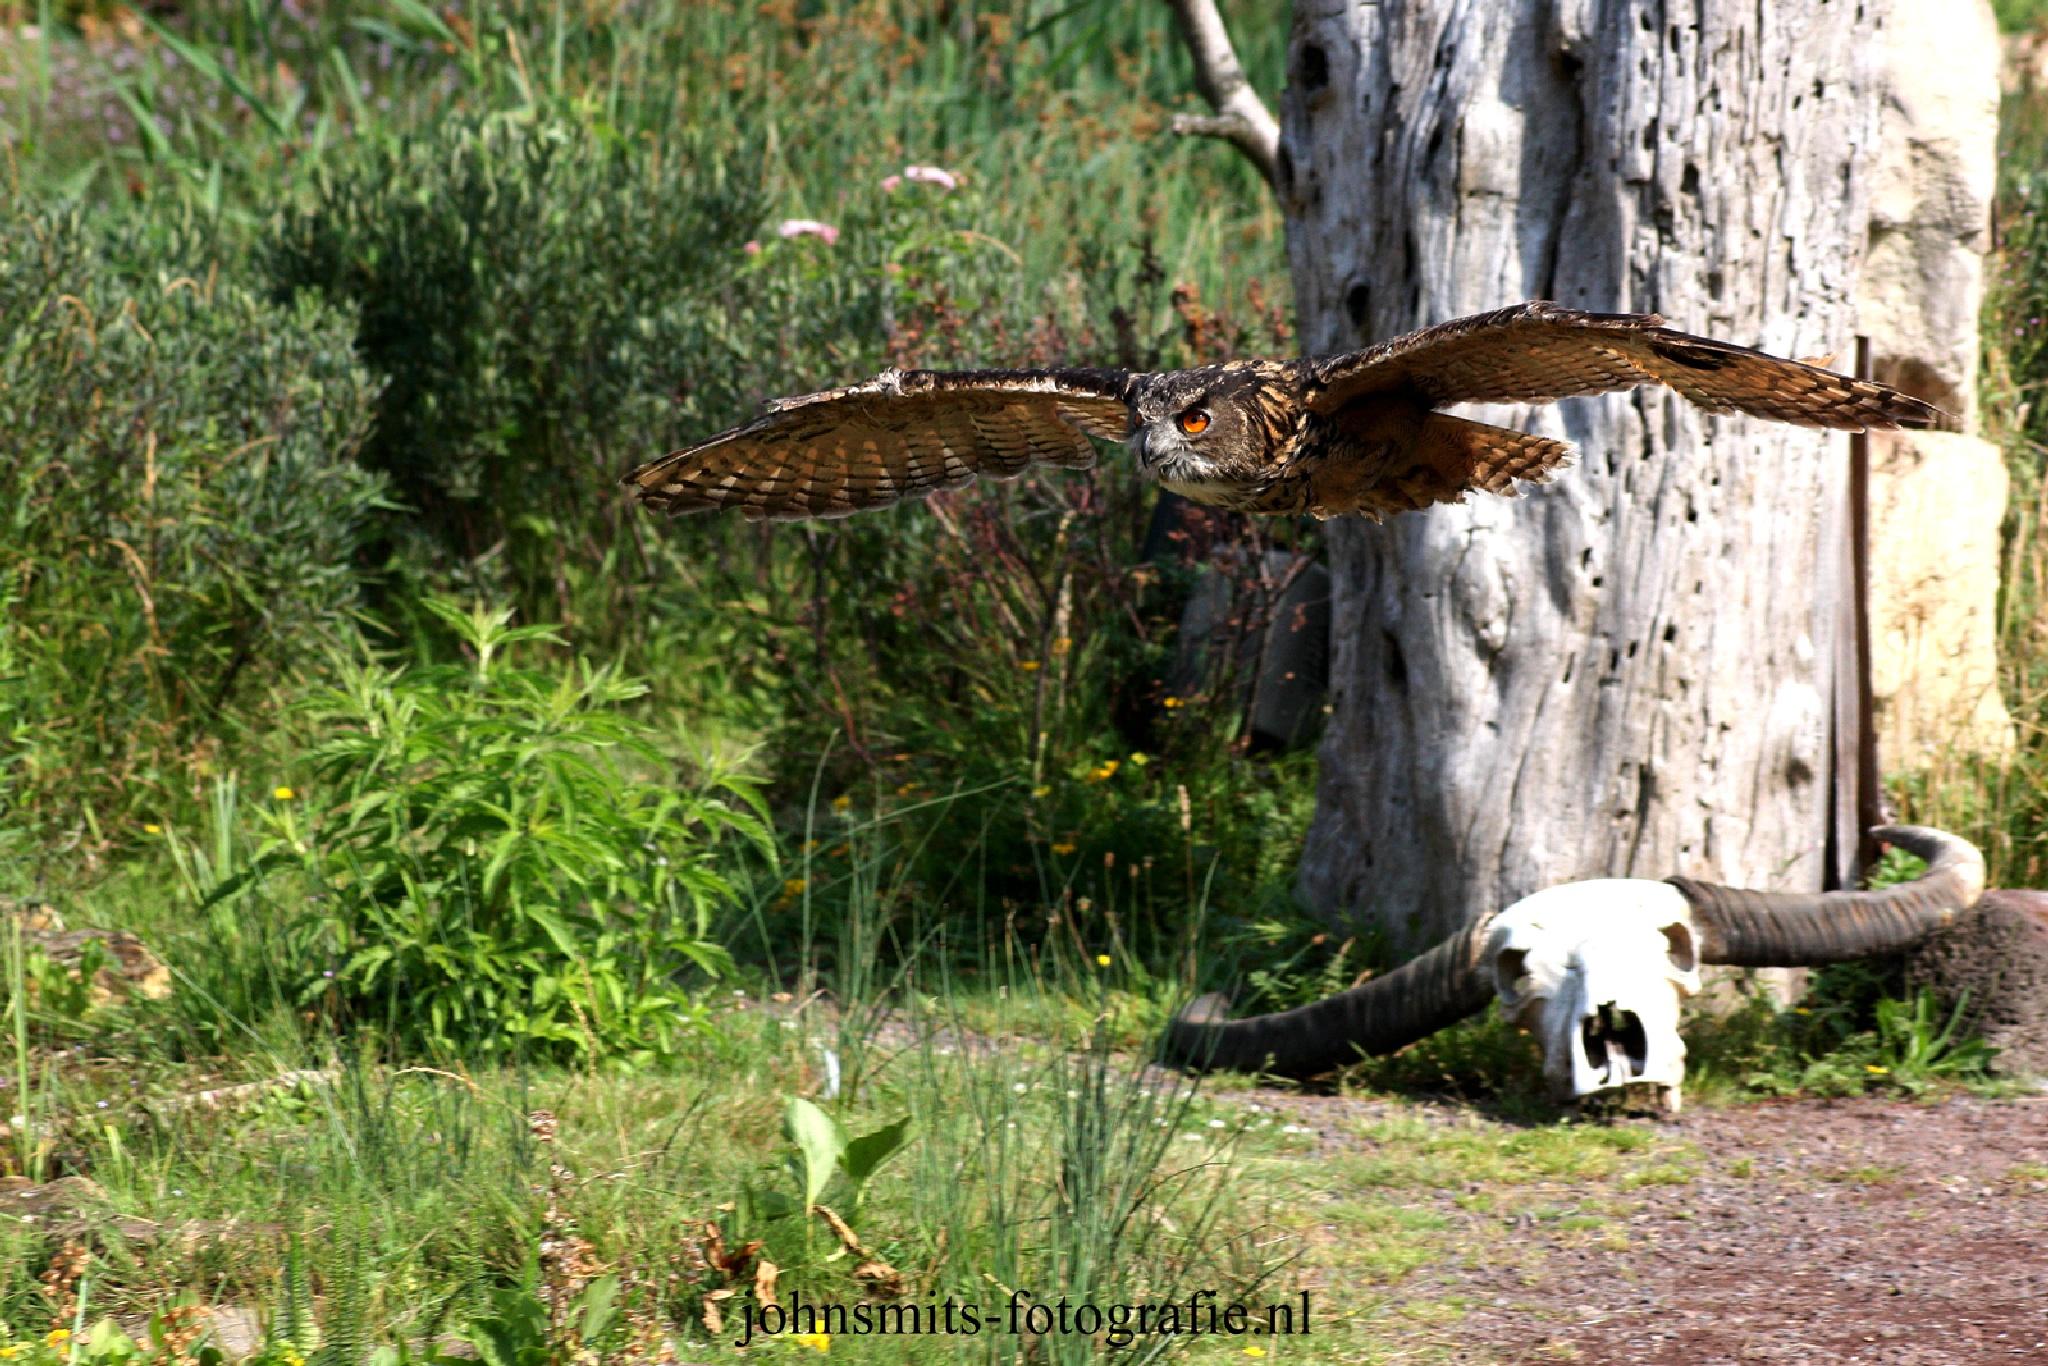 Owl in flight by johnsmitsfotografie